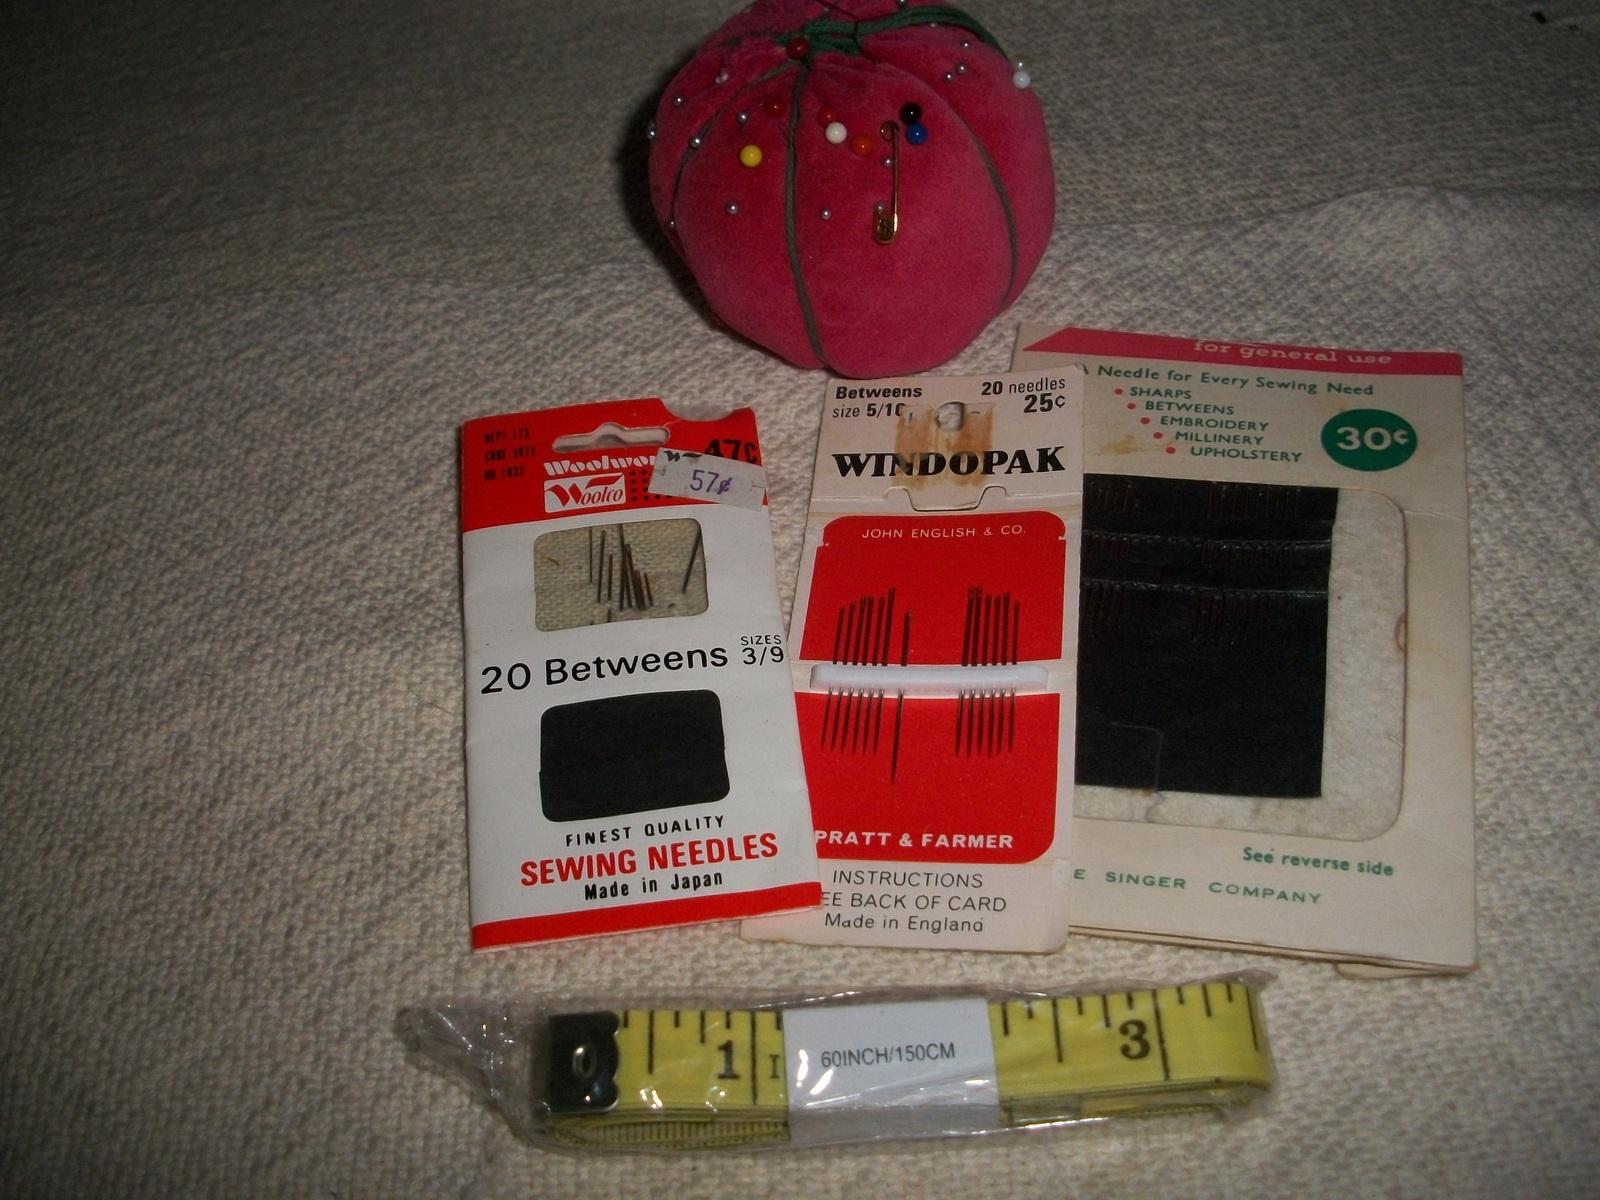 Vintage Sewing Needles, Pincushion & Tape Measures